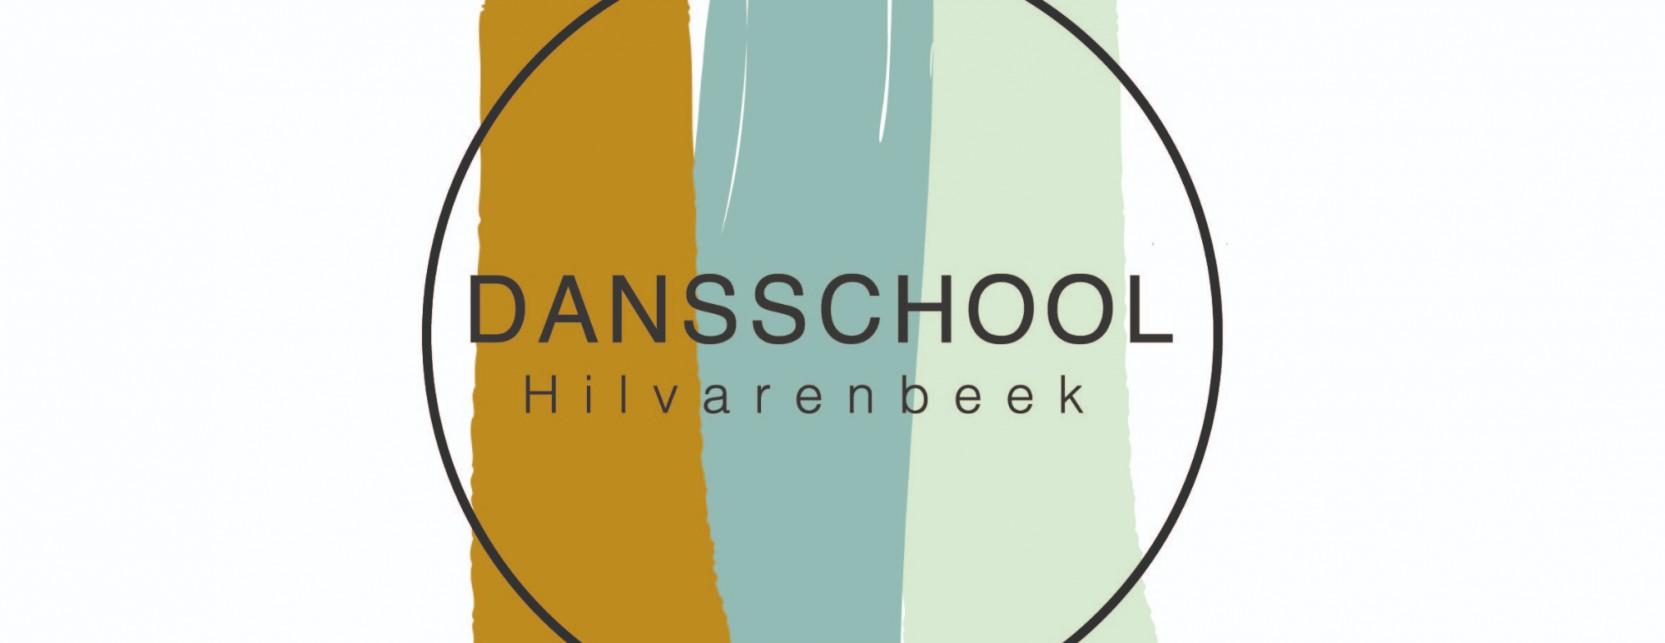 Dansschool Hilvarenbeek logo